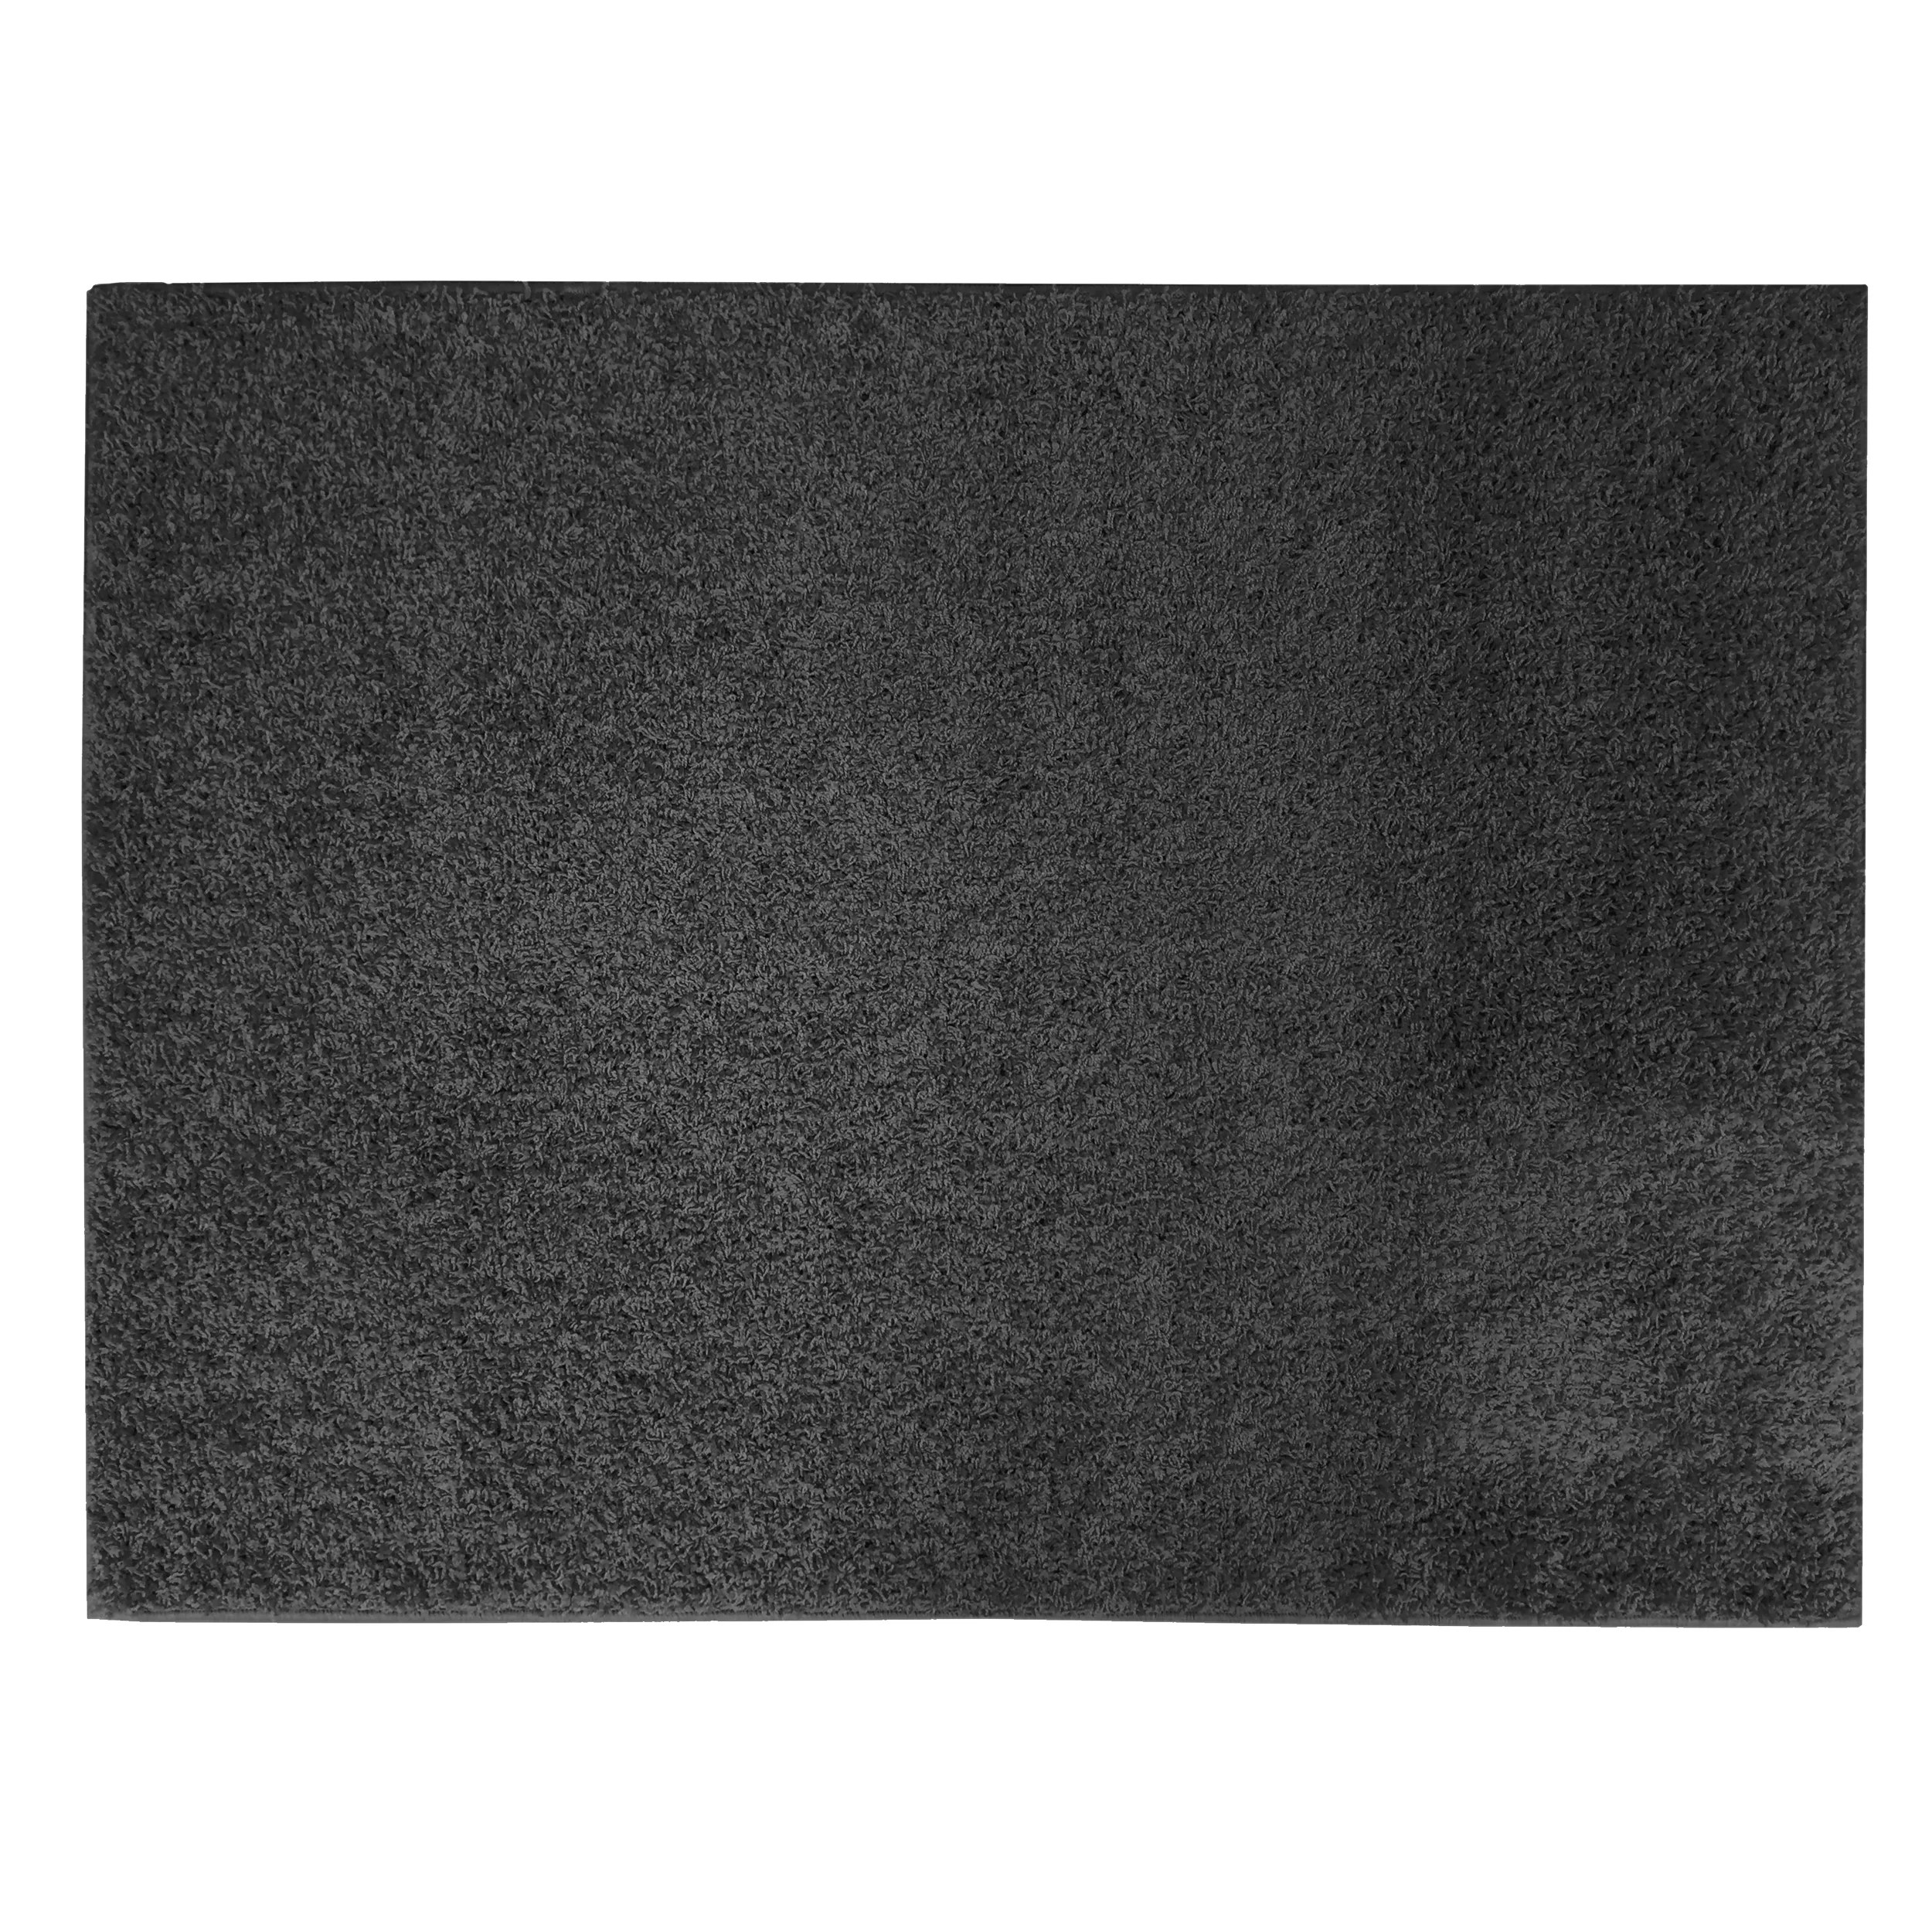 Apache Mills Soft Settings Black Shag Area Rug & Reviews